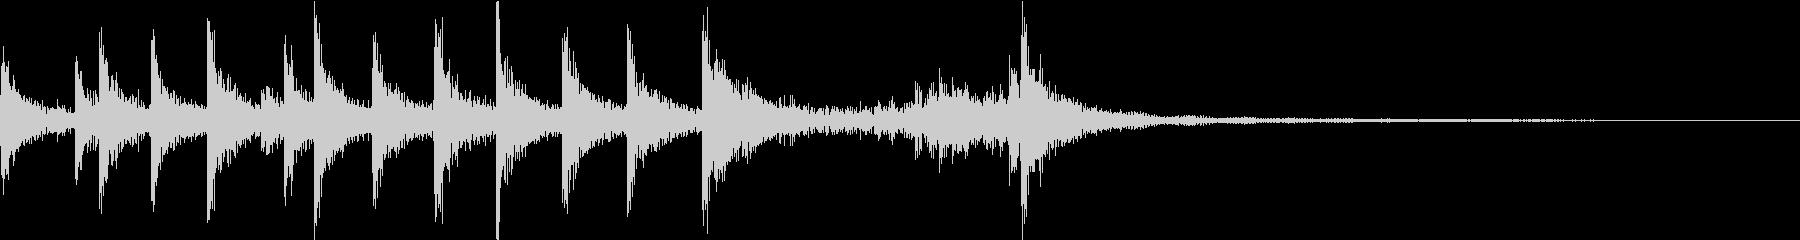 ティンパニ:ファンファーレの未再生の波形